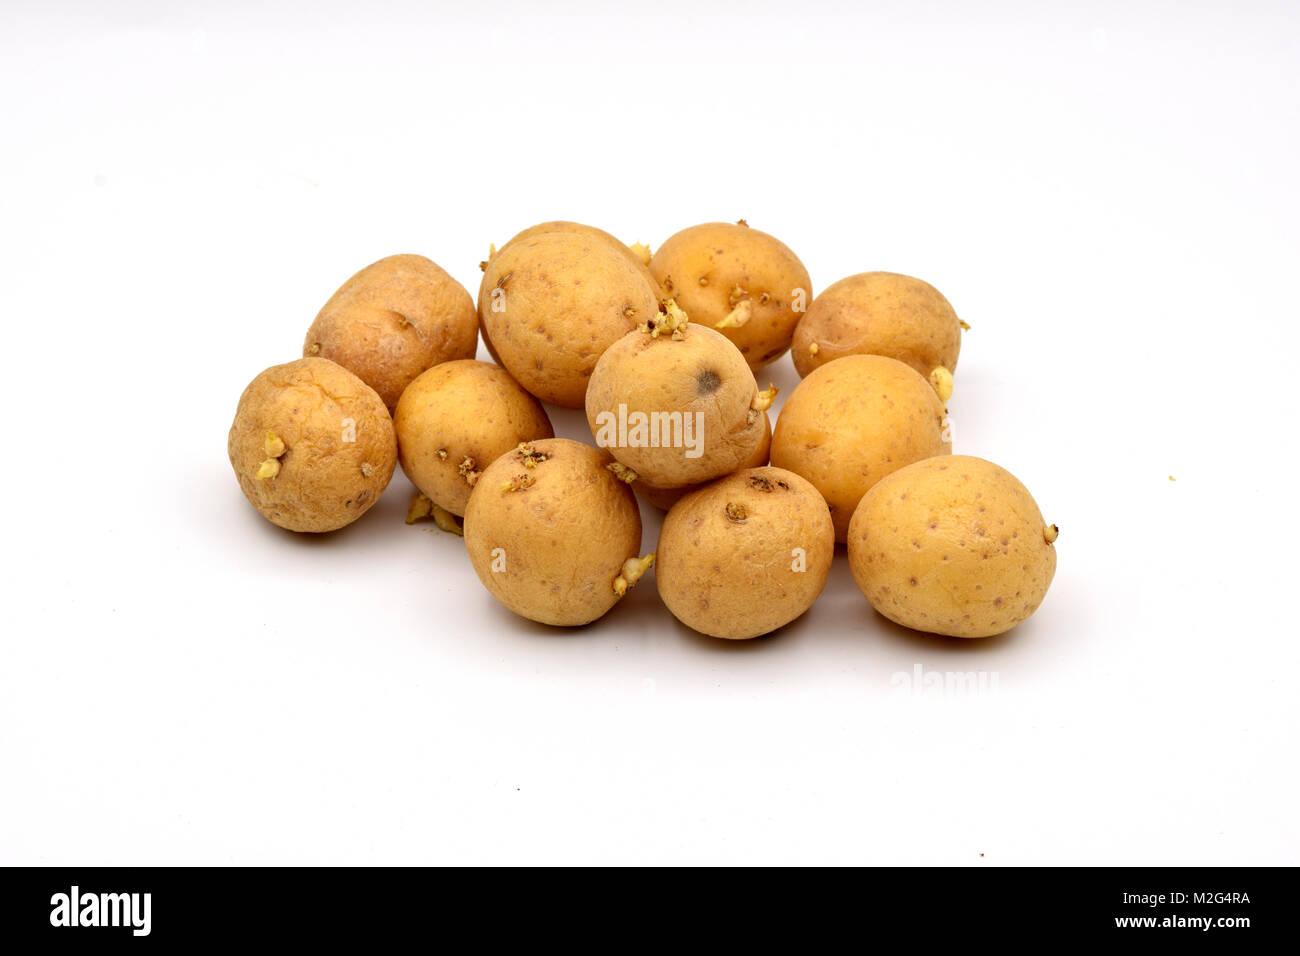 gekeimte kartoffeln essen